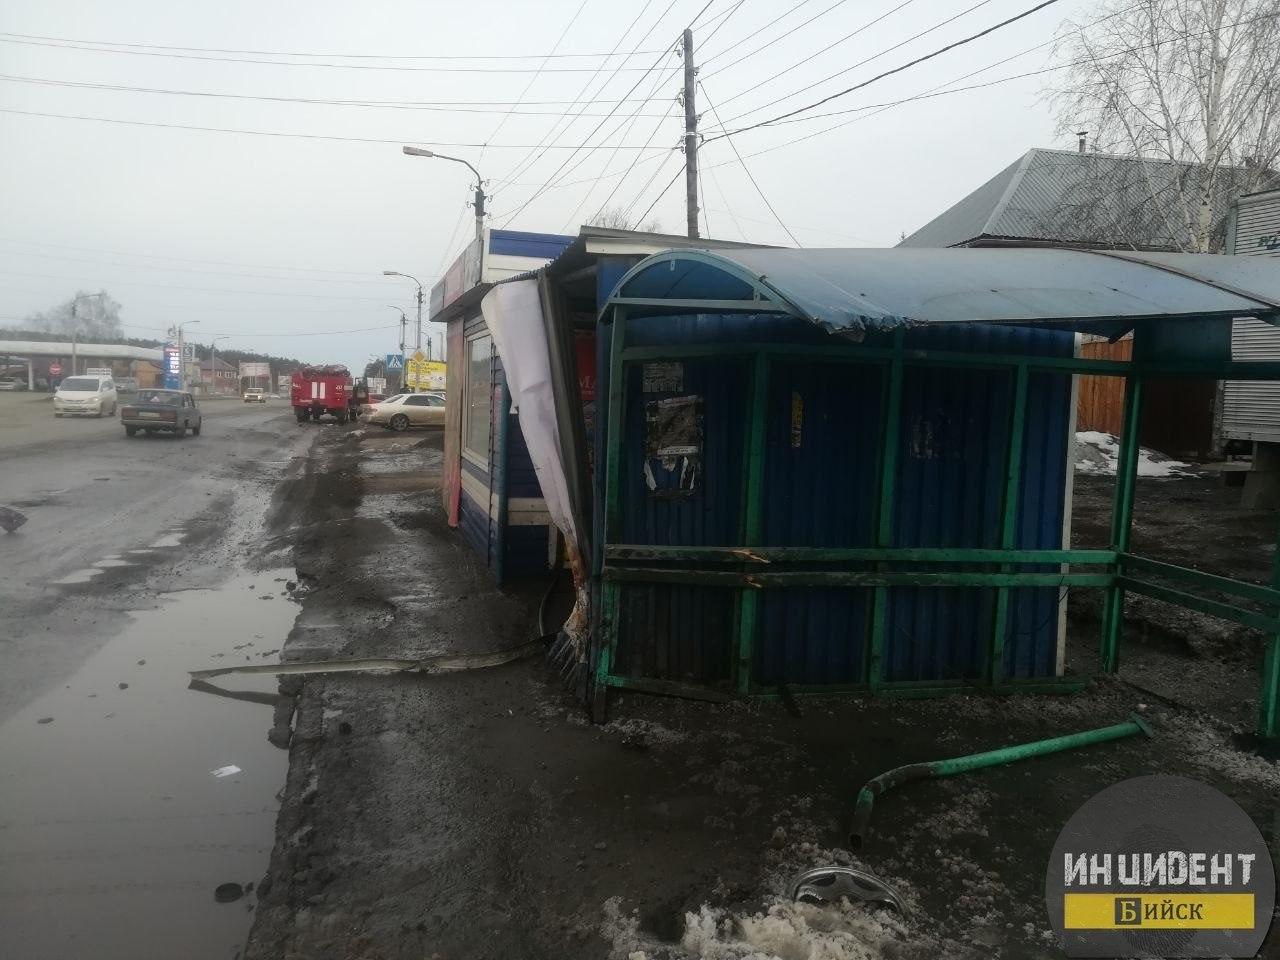 ДТП в Бийске: пьяный водитель «Жигулей» снёс остановку в Заречье